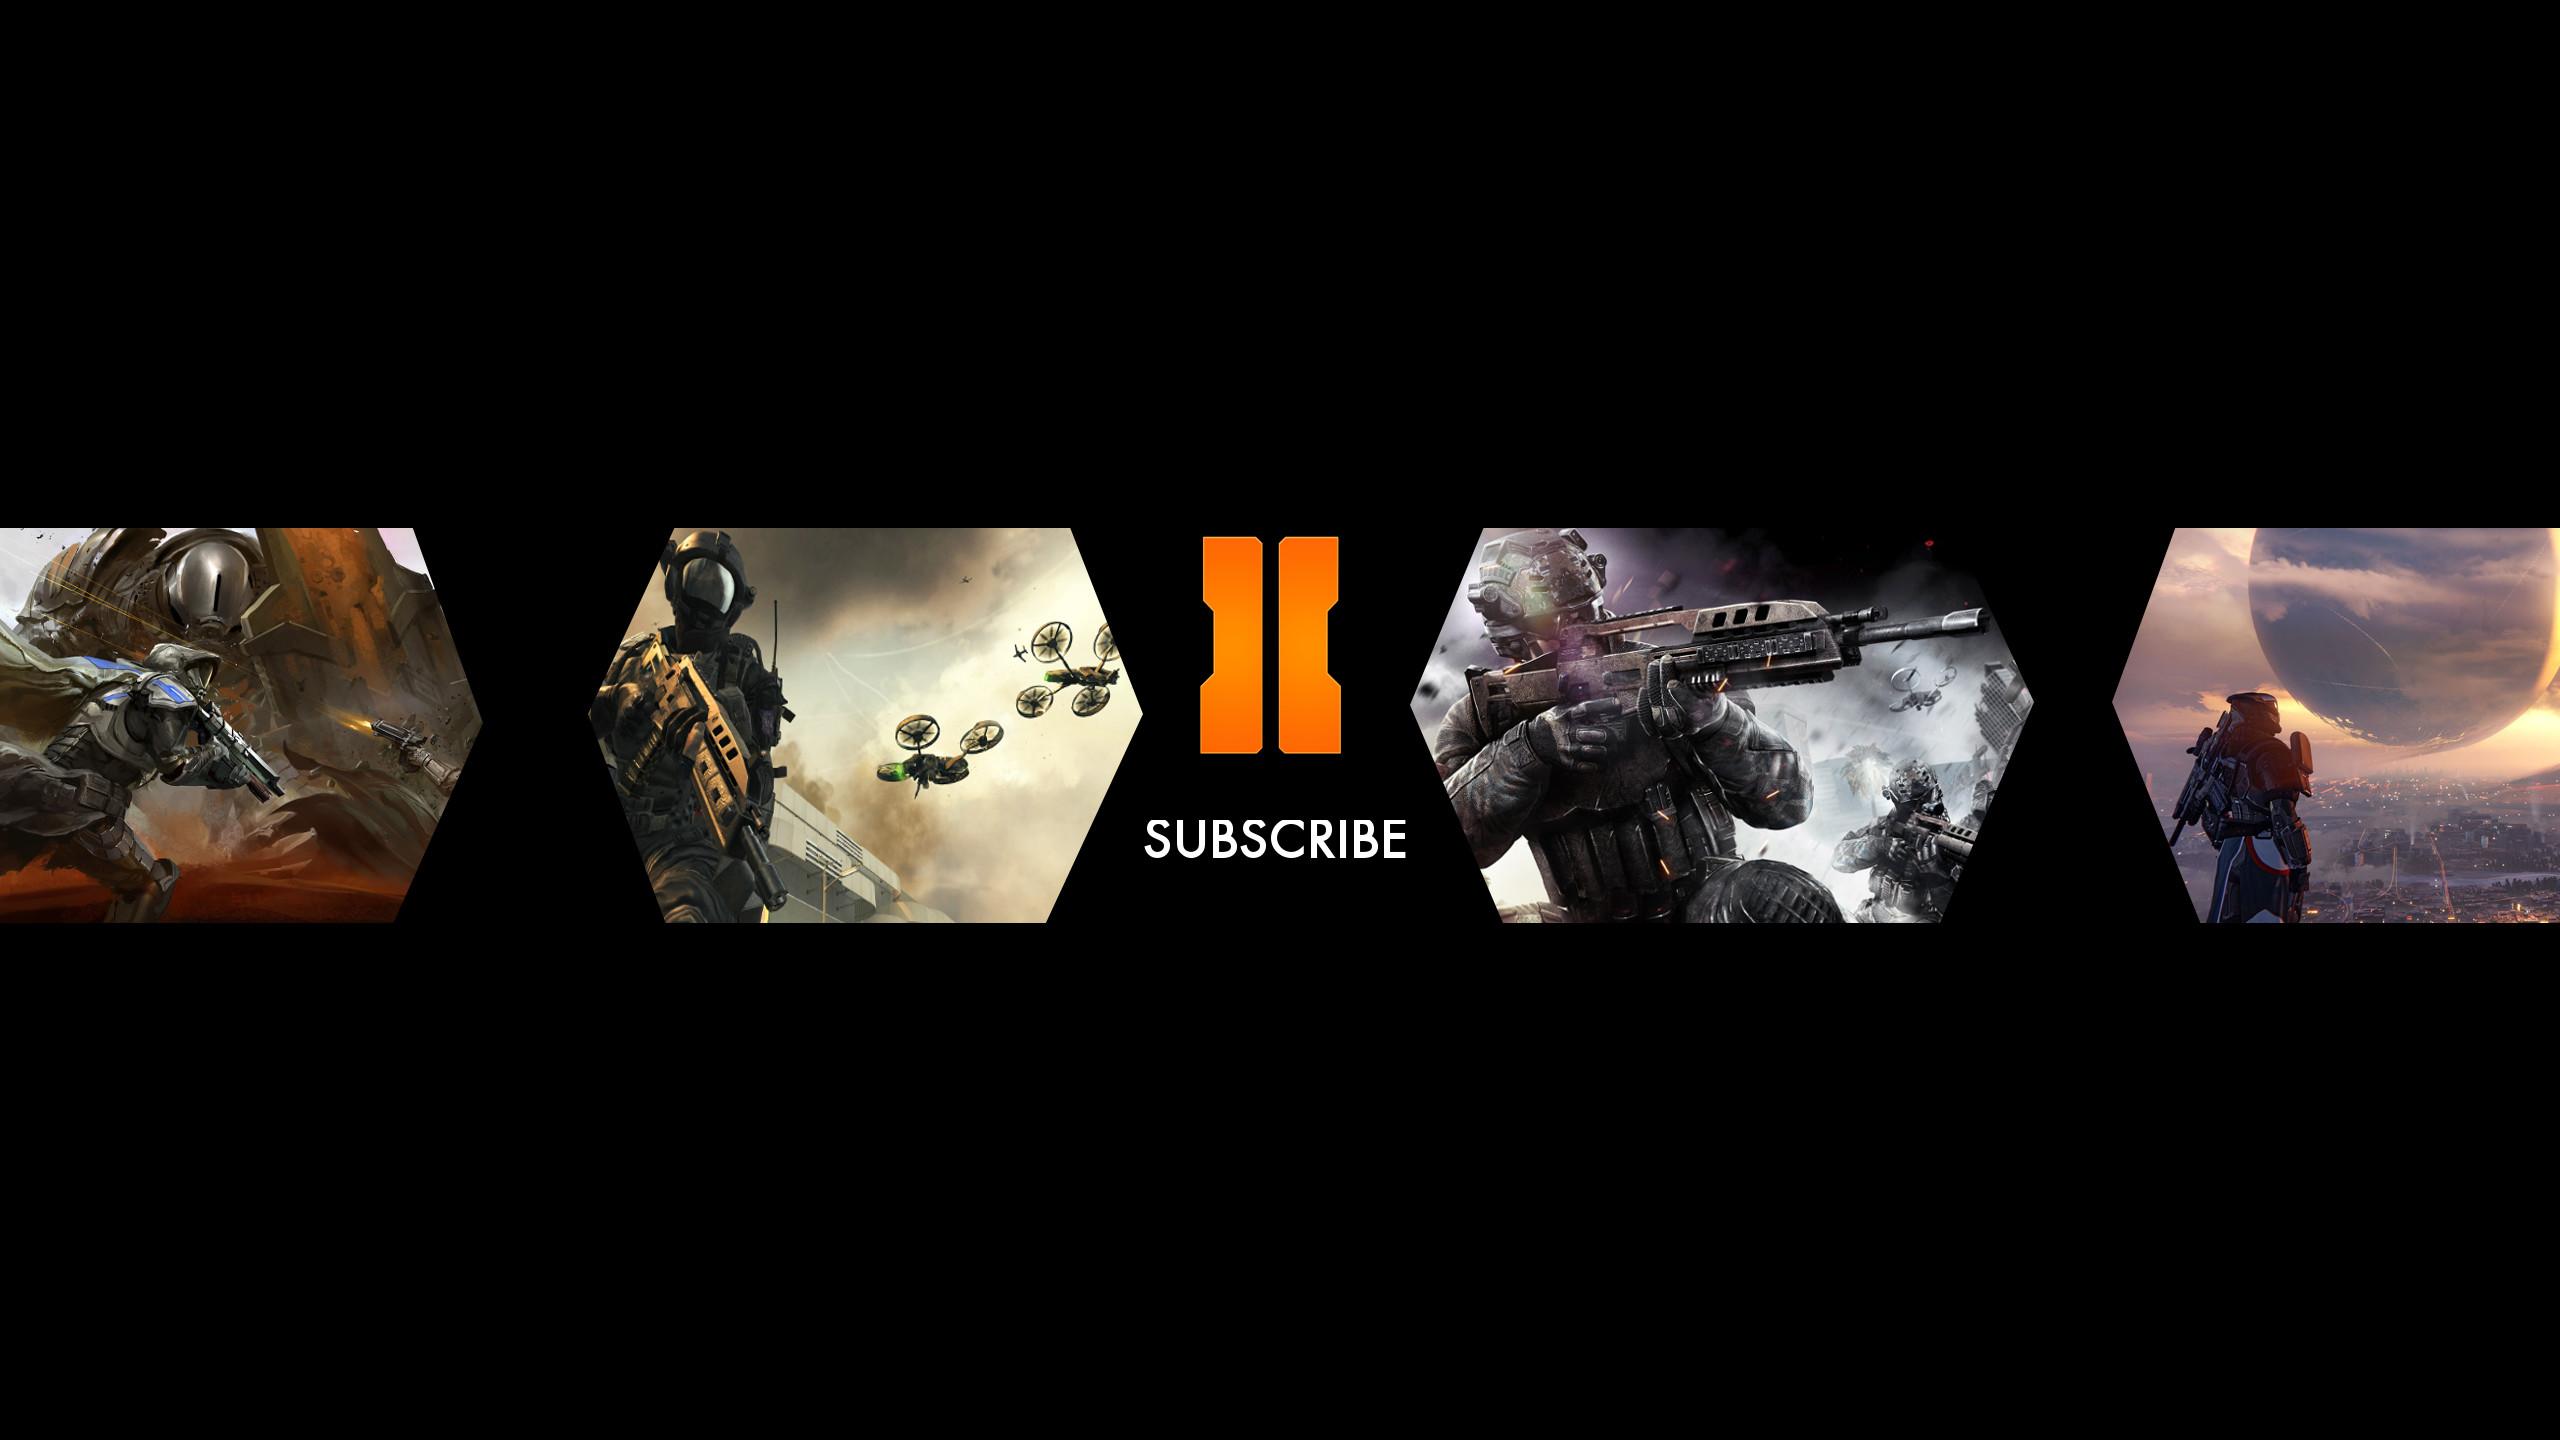 Black Ops 3 YouTube Channel Art